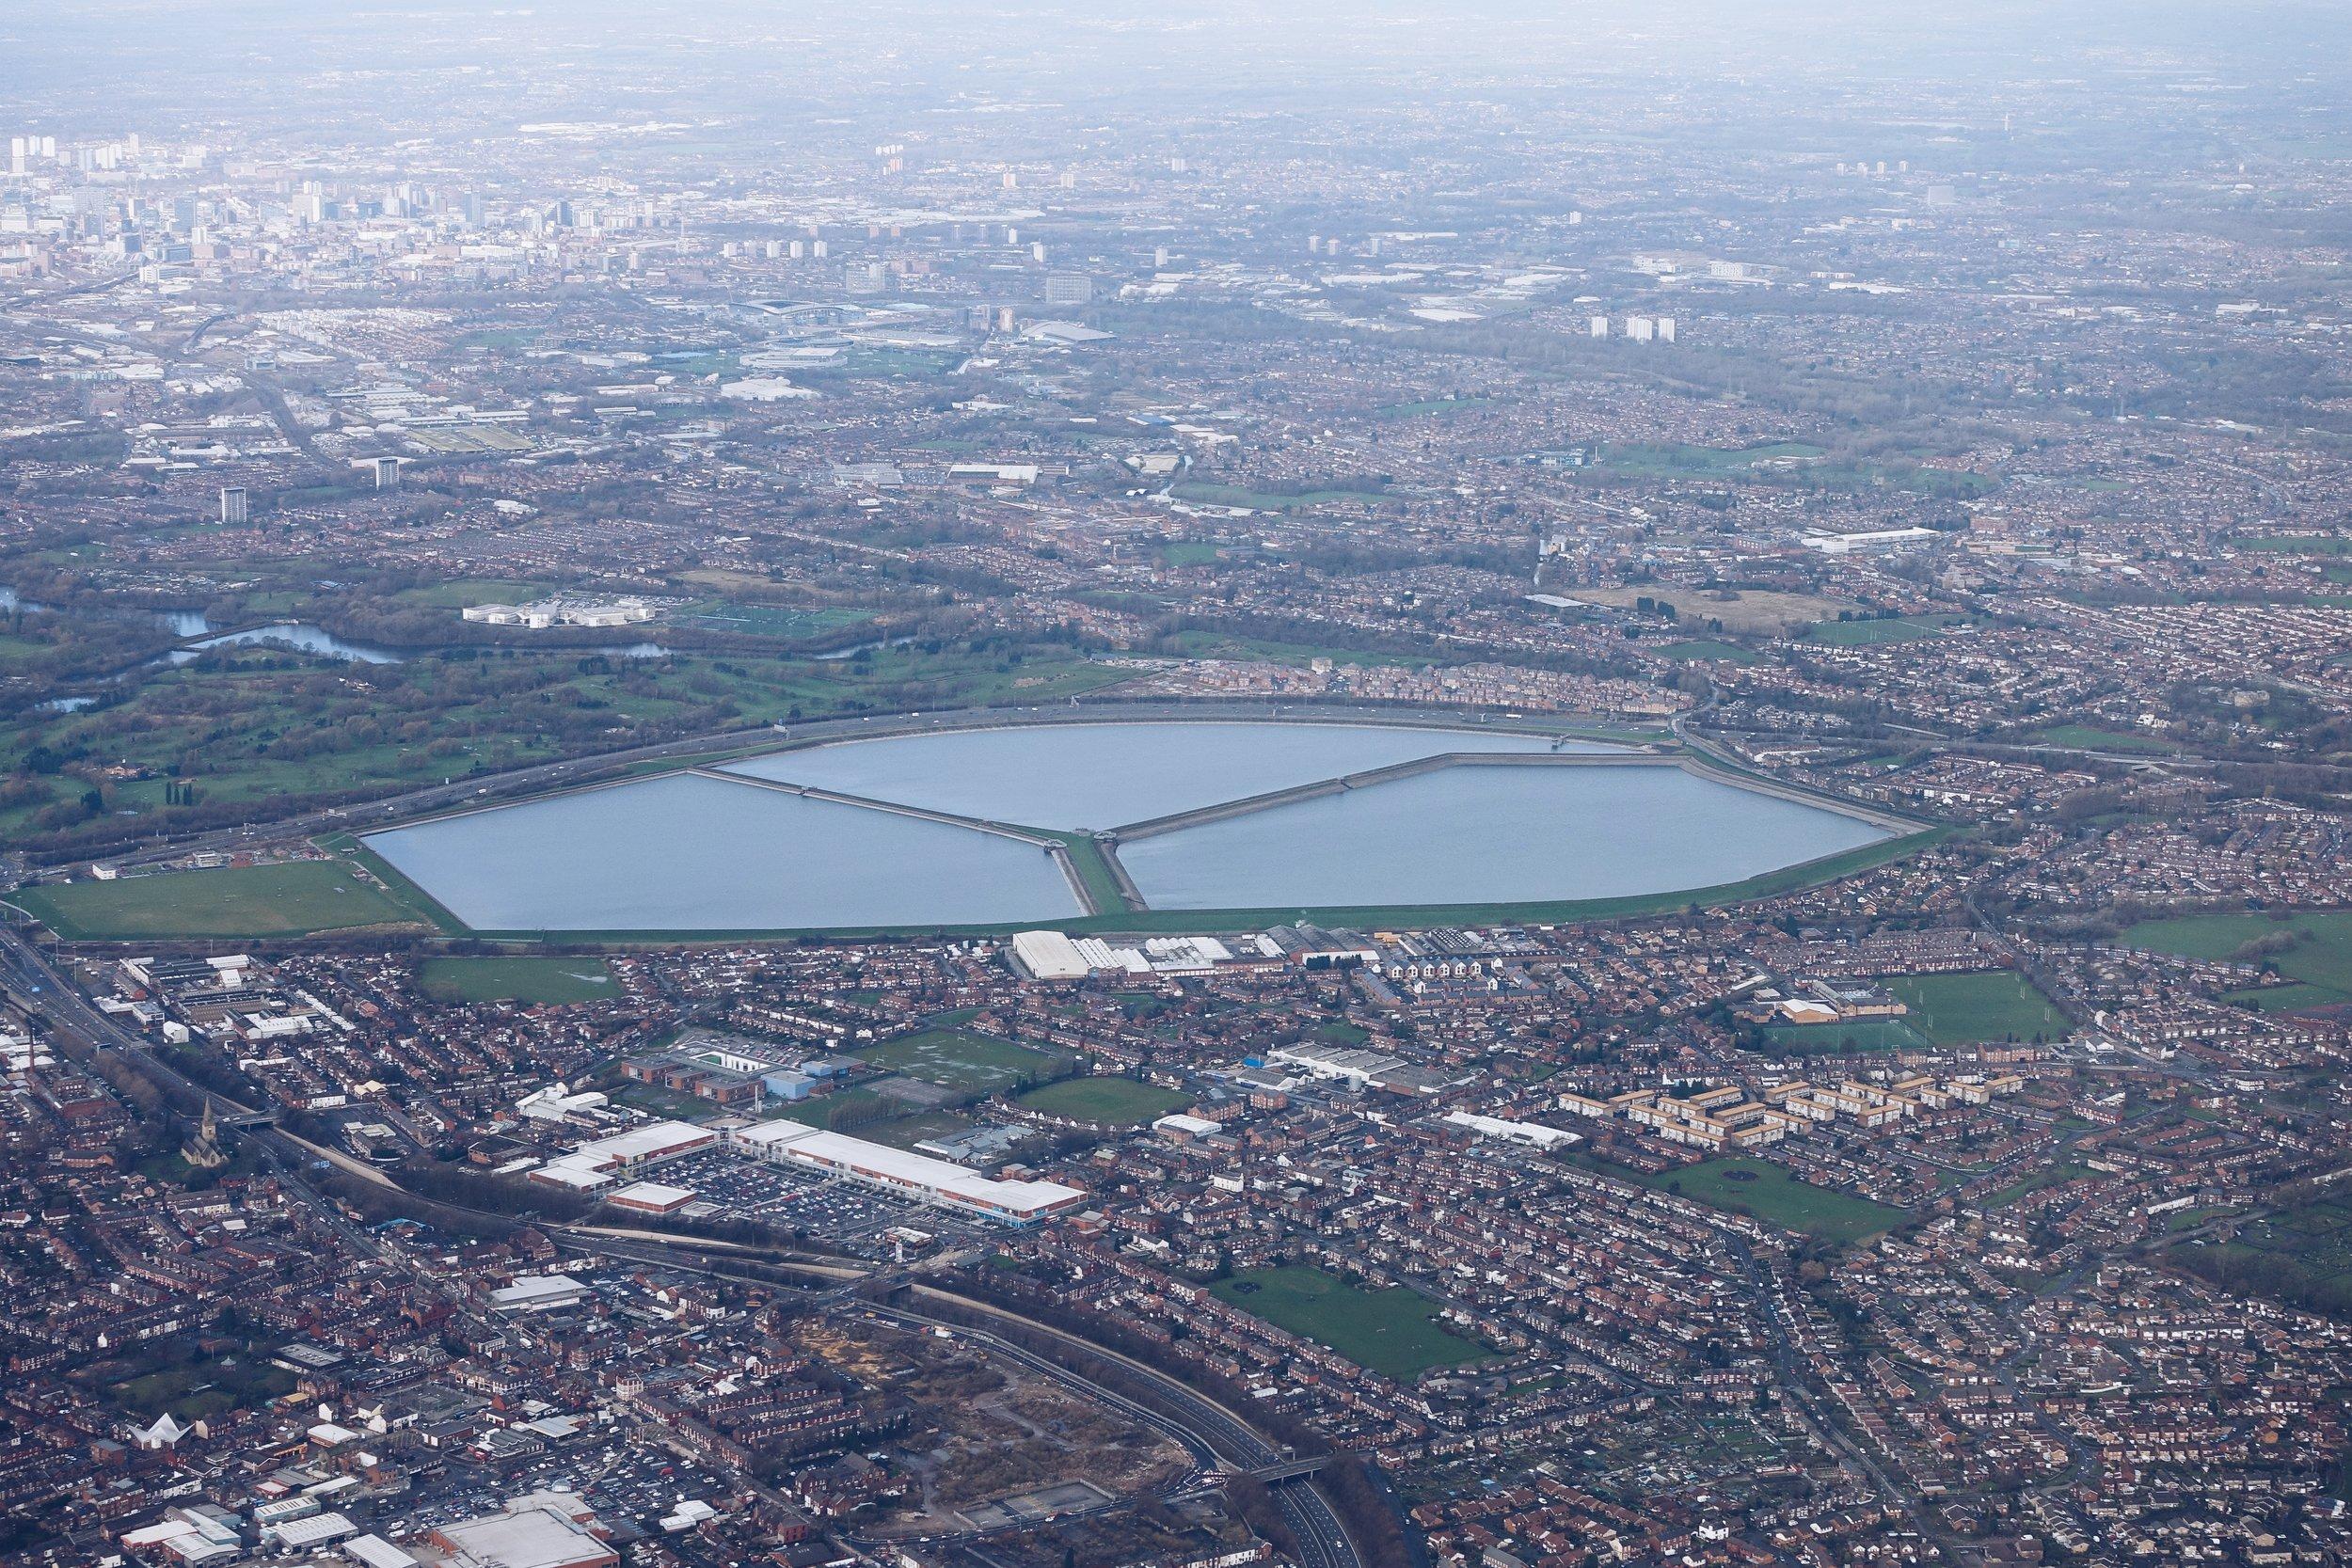 Reservoir near Manchester, UK